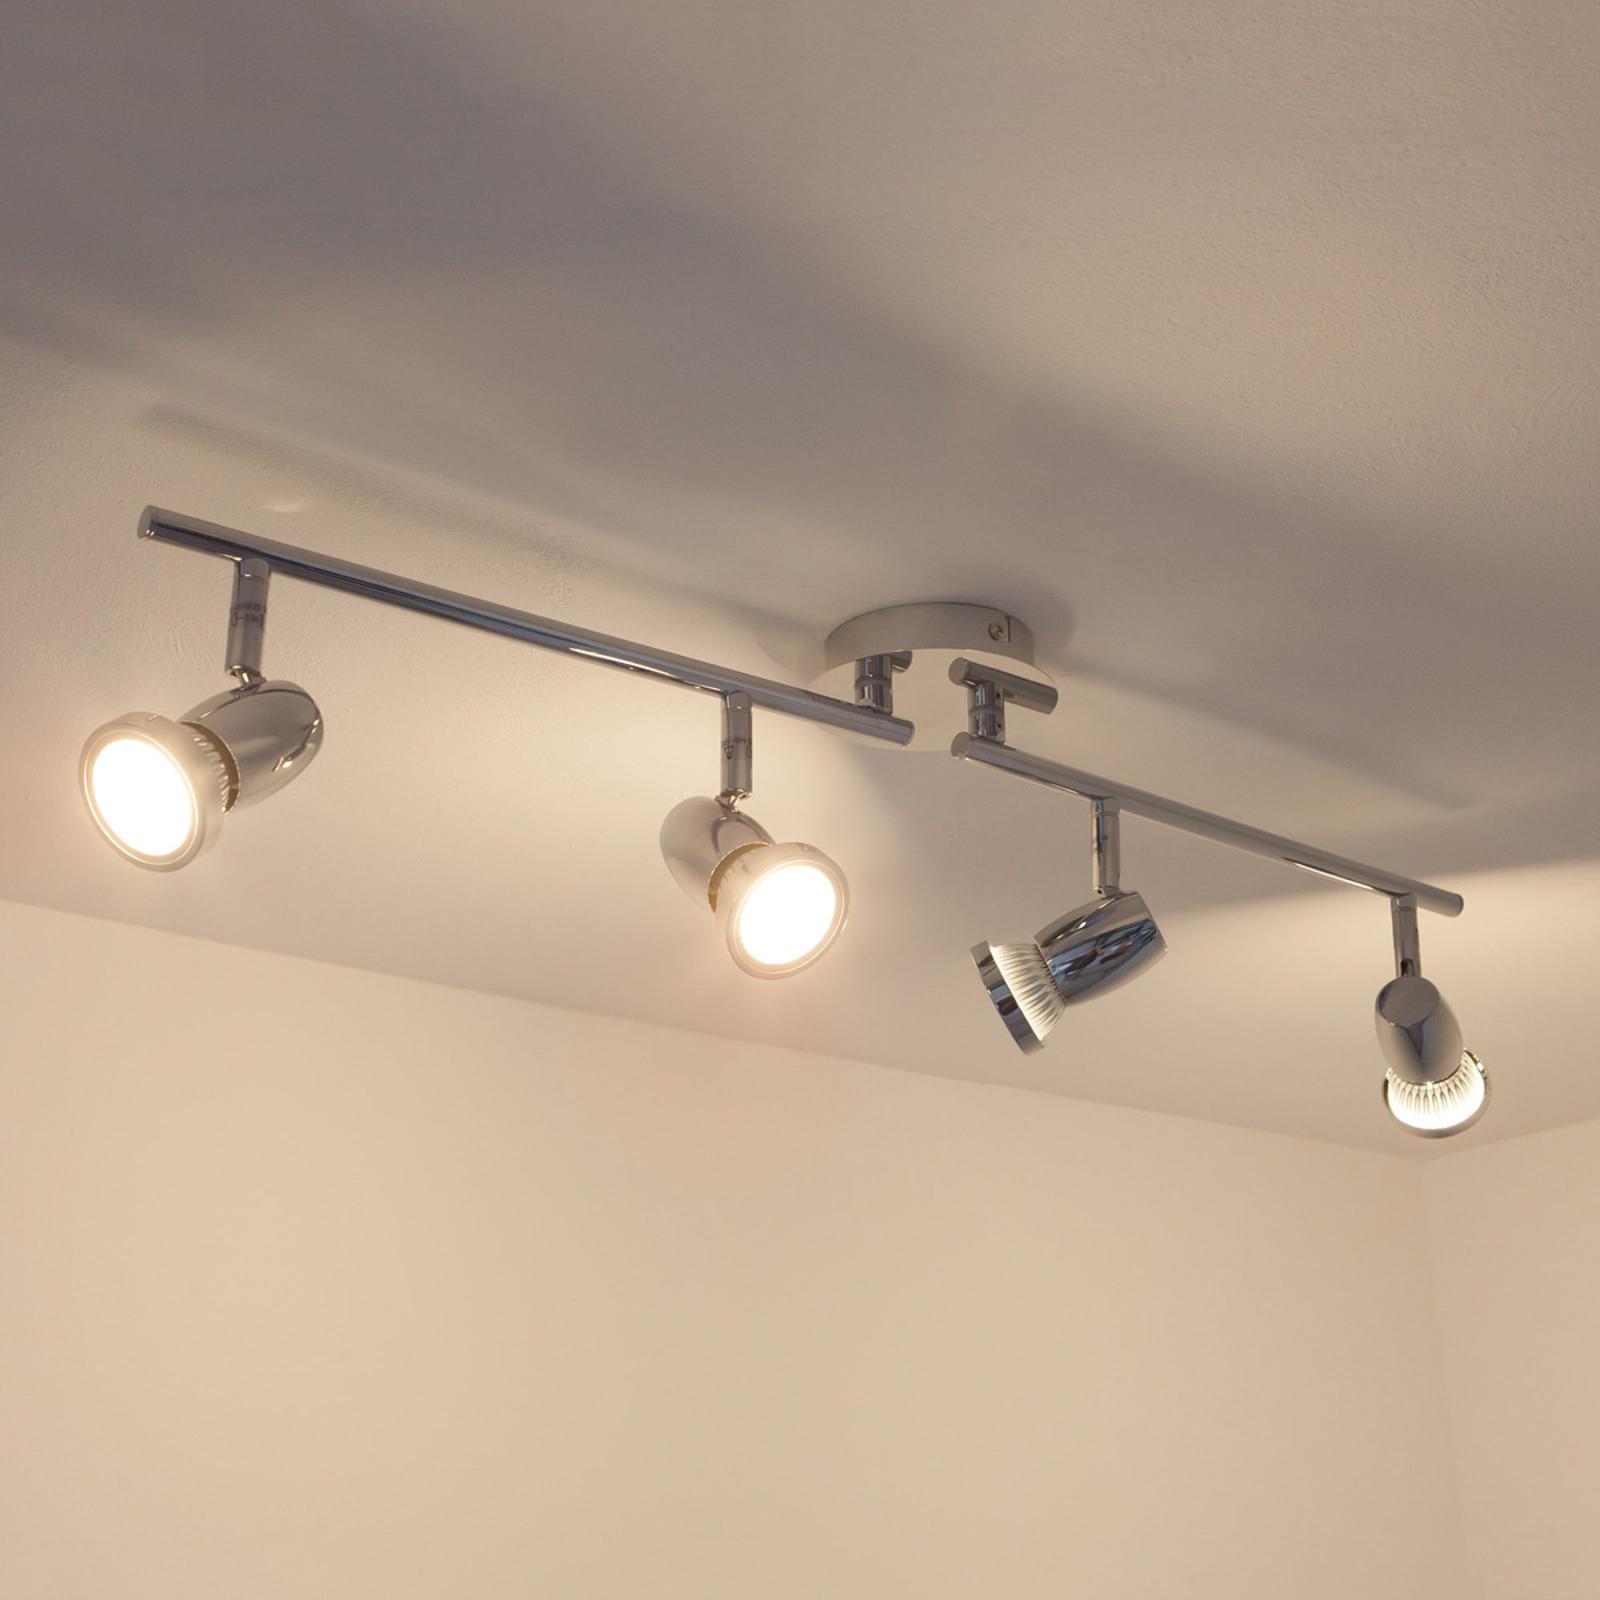 GU10 LED plafondlamp Arminius met vier lampen